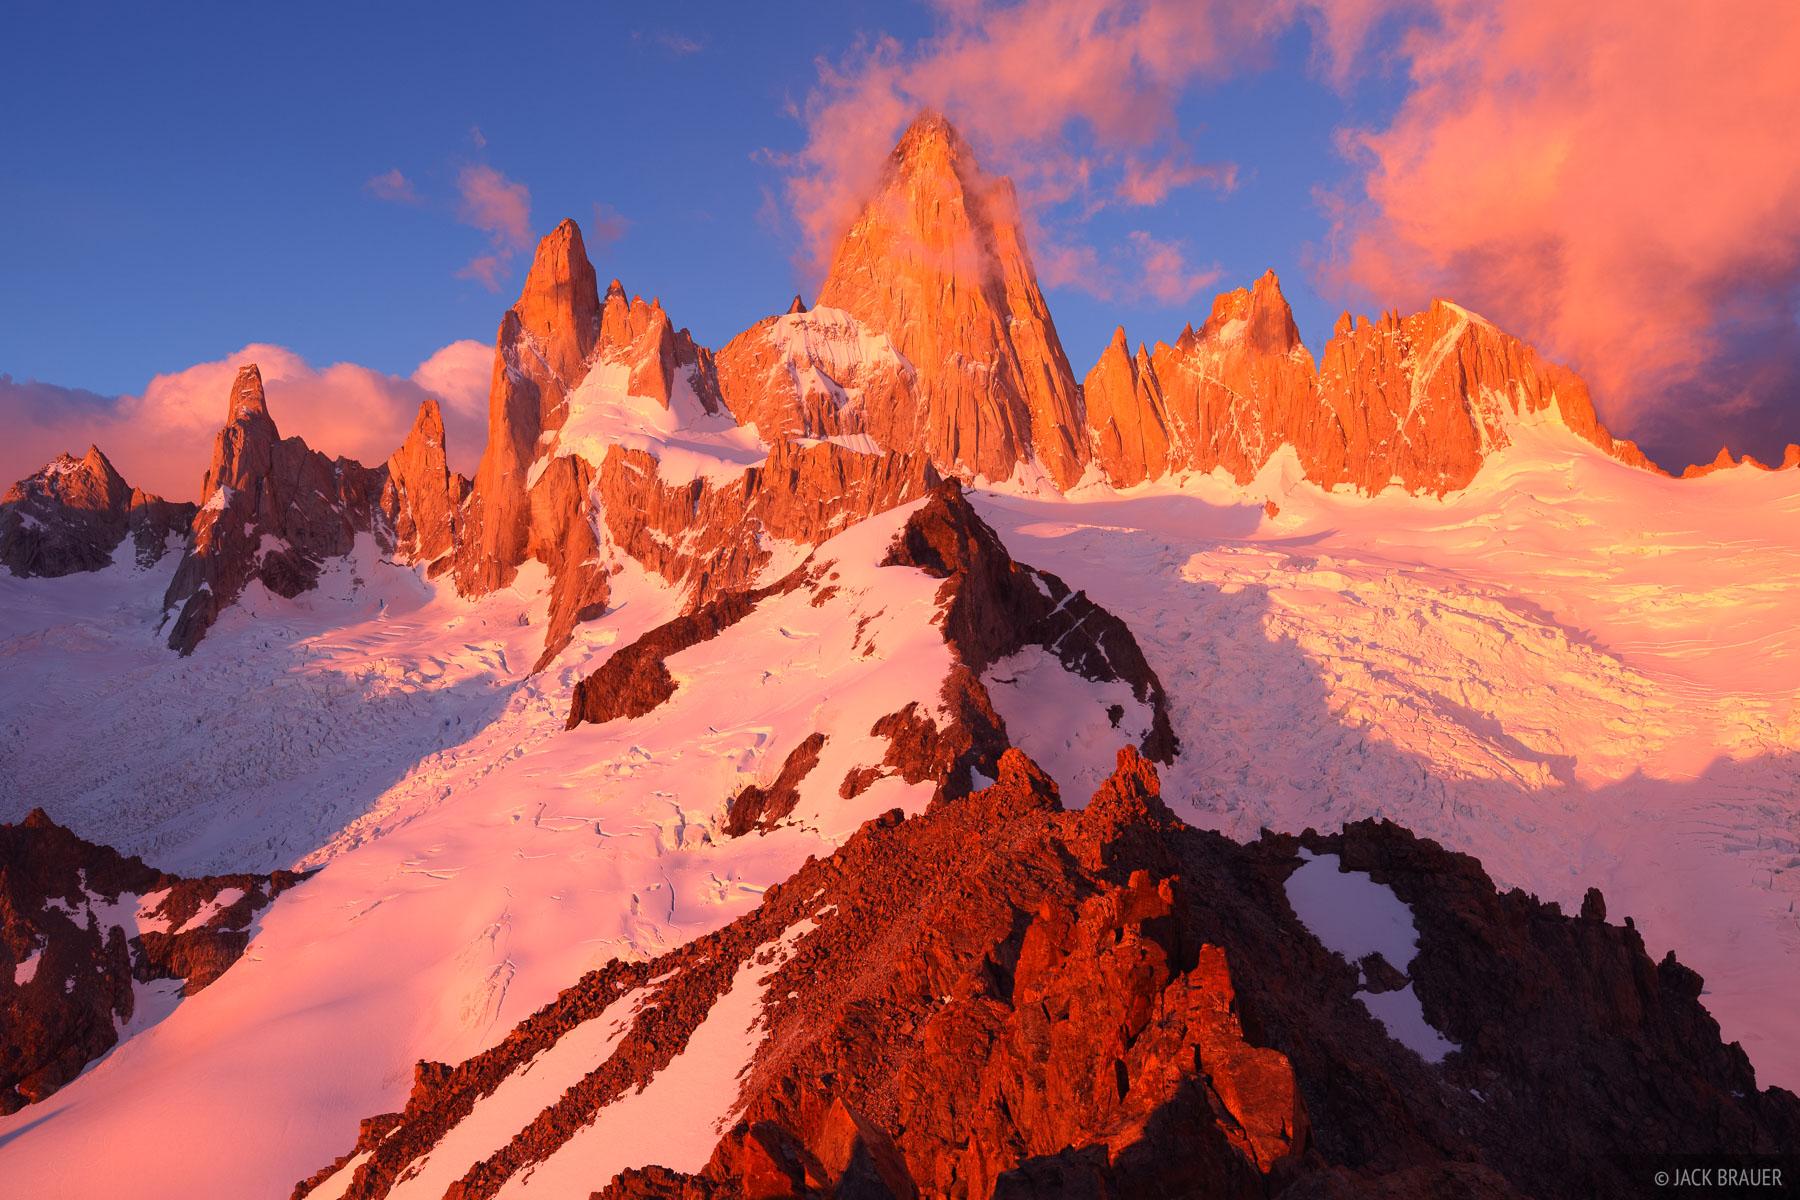 Fitz Roy, Chaltén, Patagonia, Argentina, Parque Nacional Los Glaciares, panorama, photo